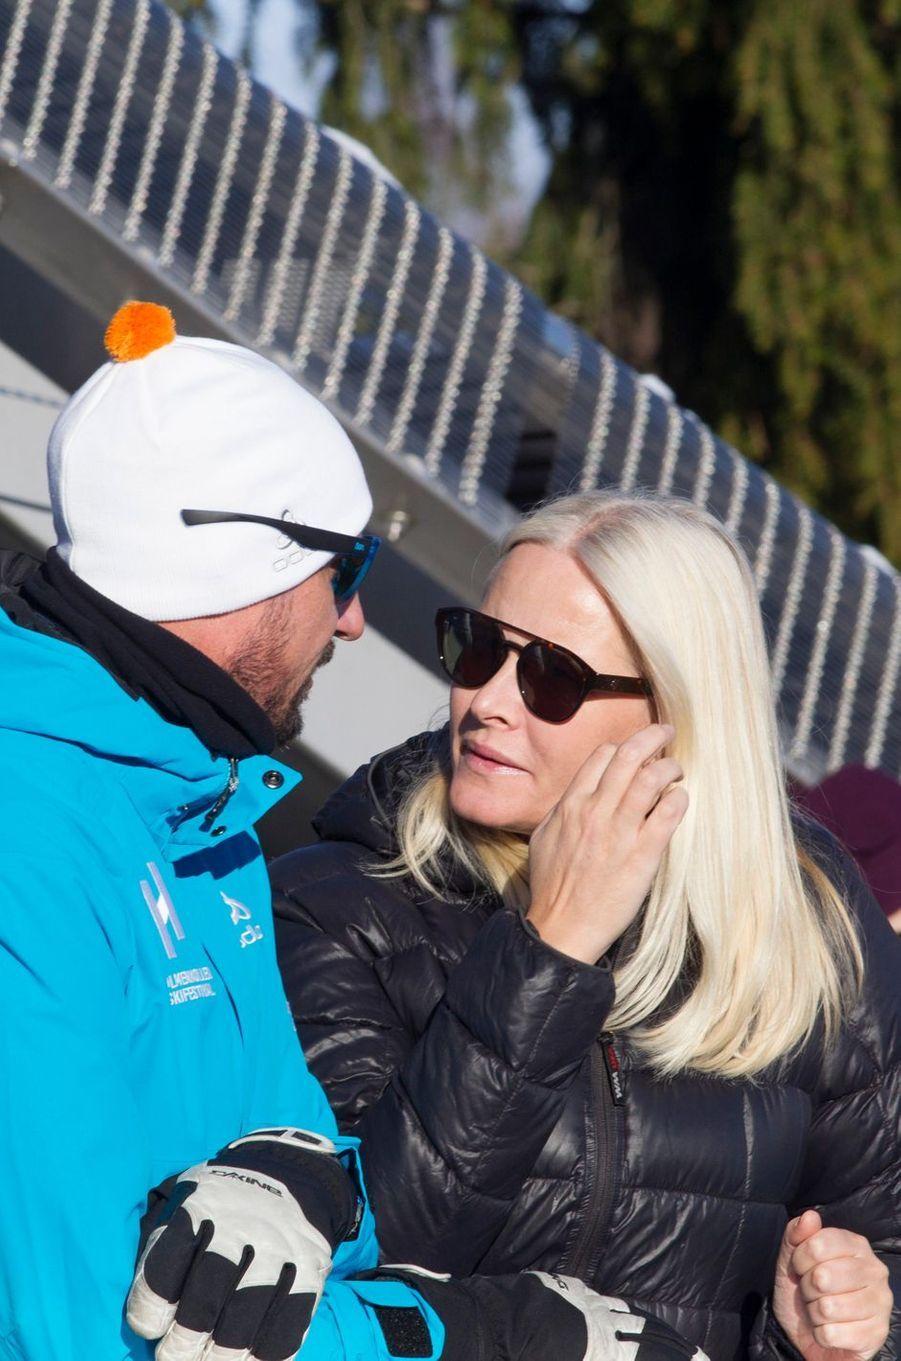 La princesse Mette-Marit et le prince Haakon de Norvège à Oslo, le 10 mars 2019